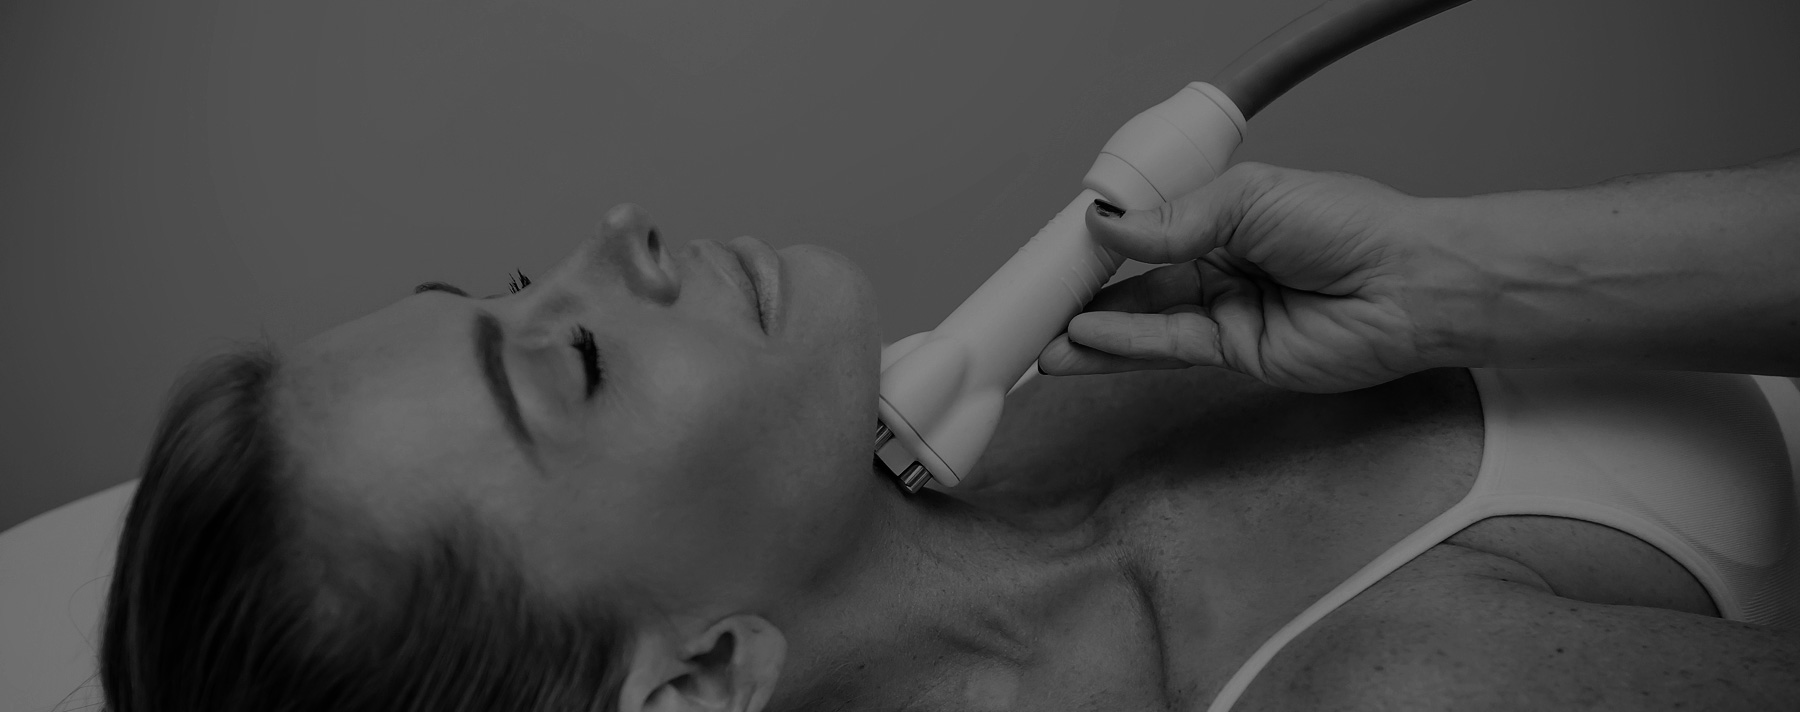 Woman receiving tribella treatment